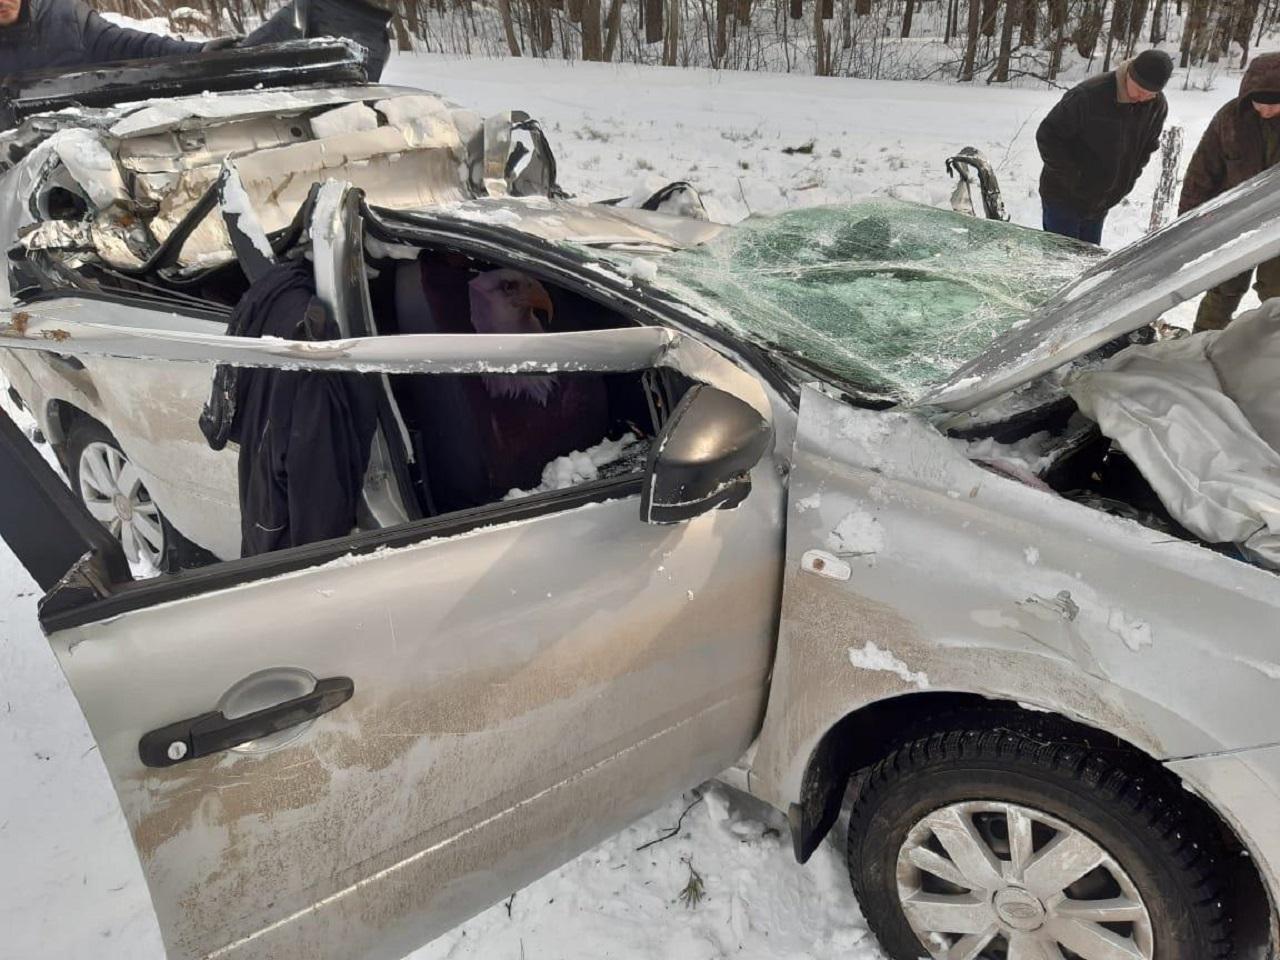 Смяло в лепешку: легковушка попала в смертельное ДТП в Челябинской области